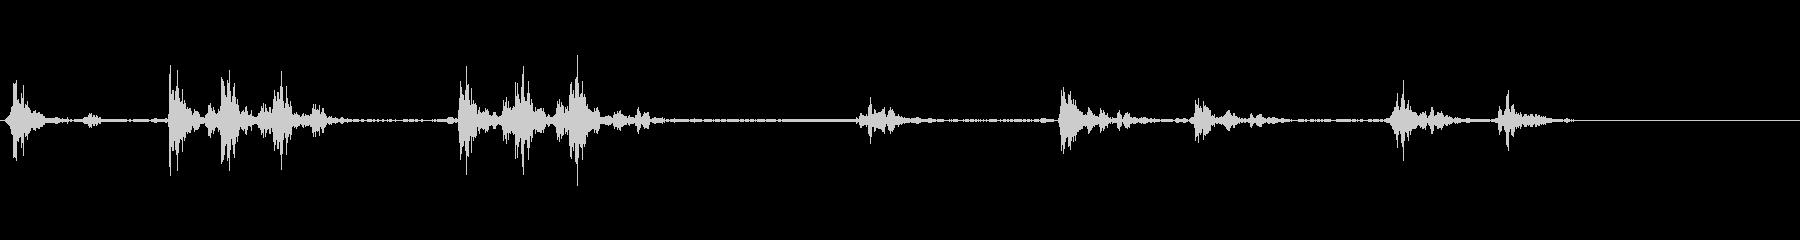 カーペダルストンプ;いろいろの未再生の波形